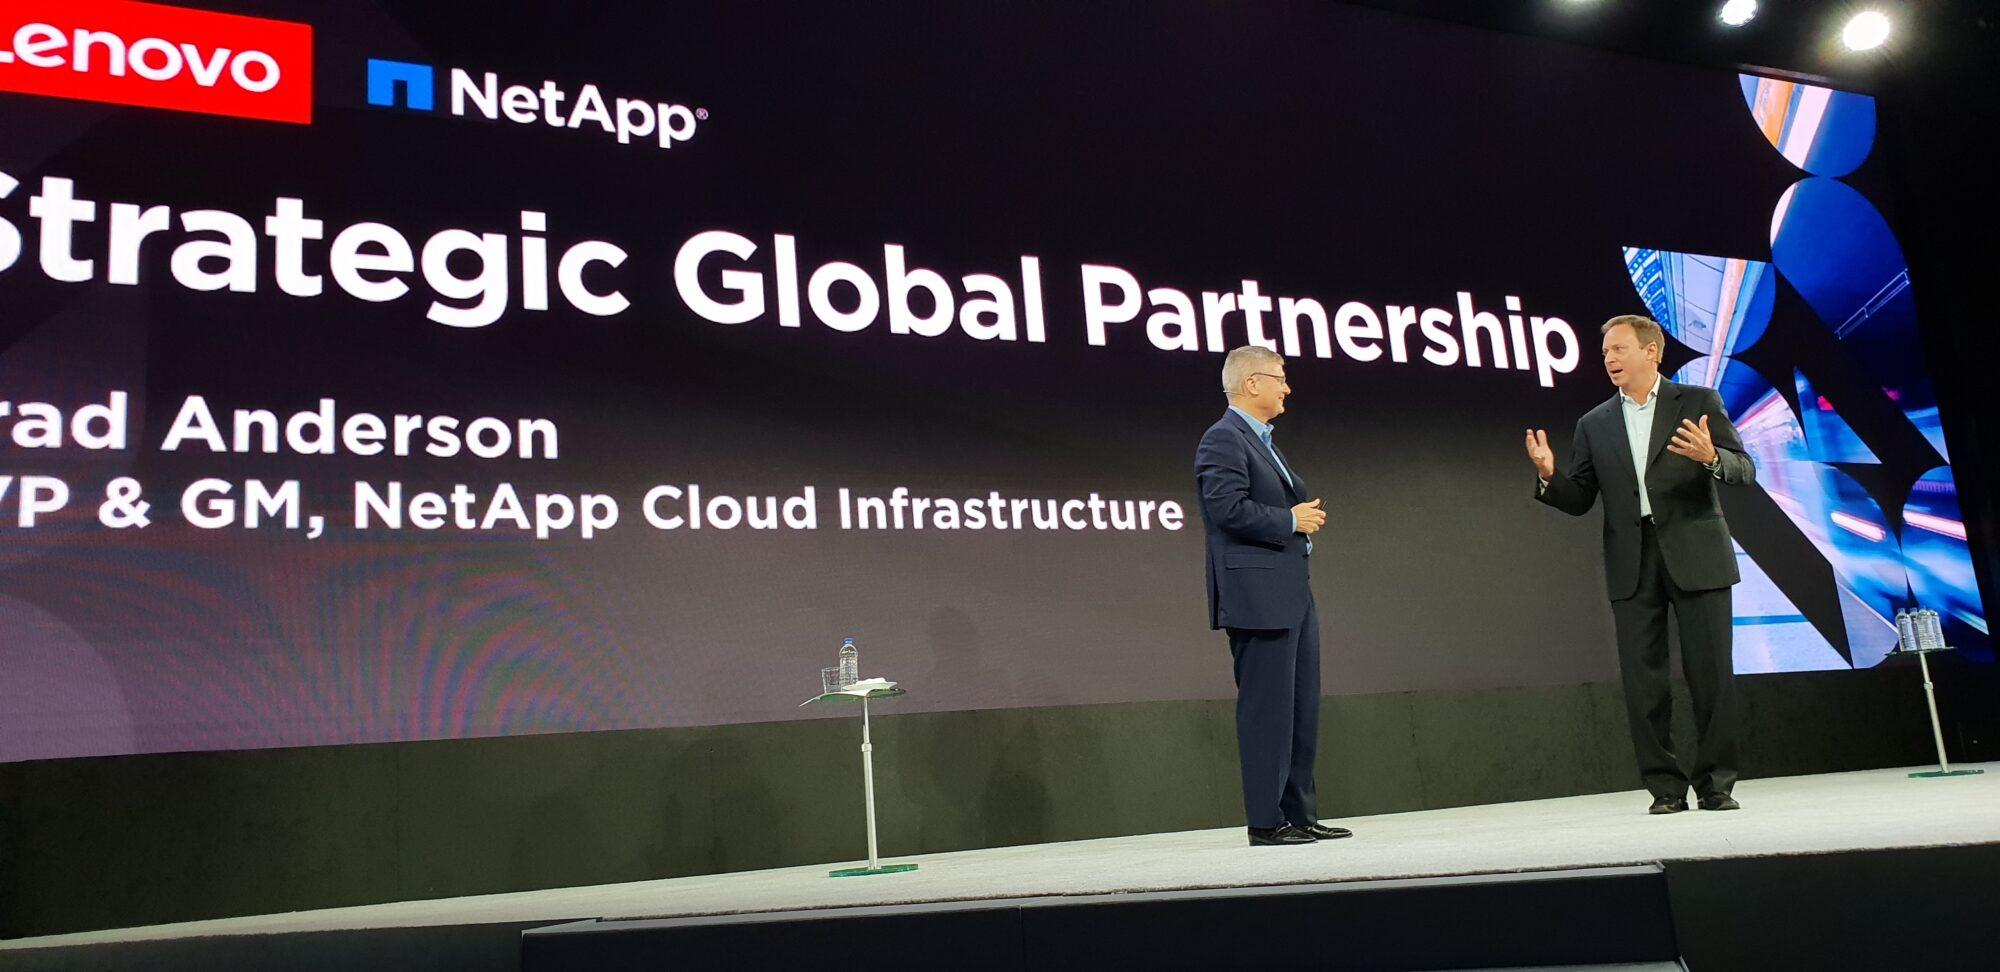 Lenovo växlar upp med strategiskt partnerskap 30